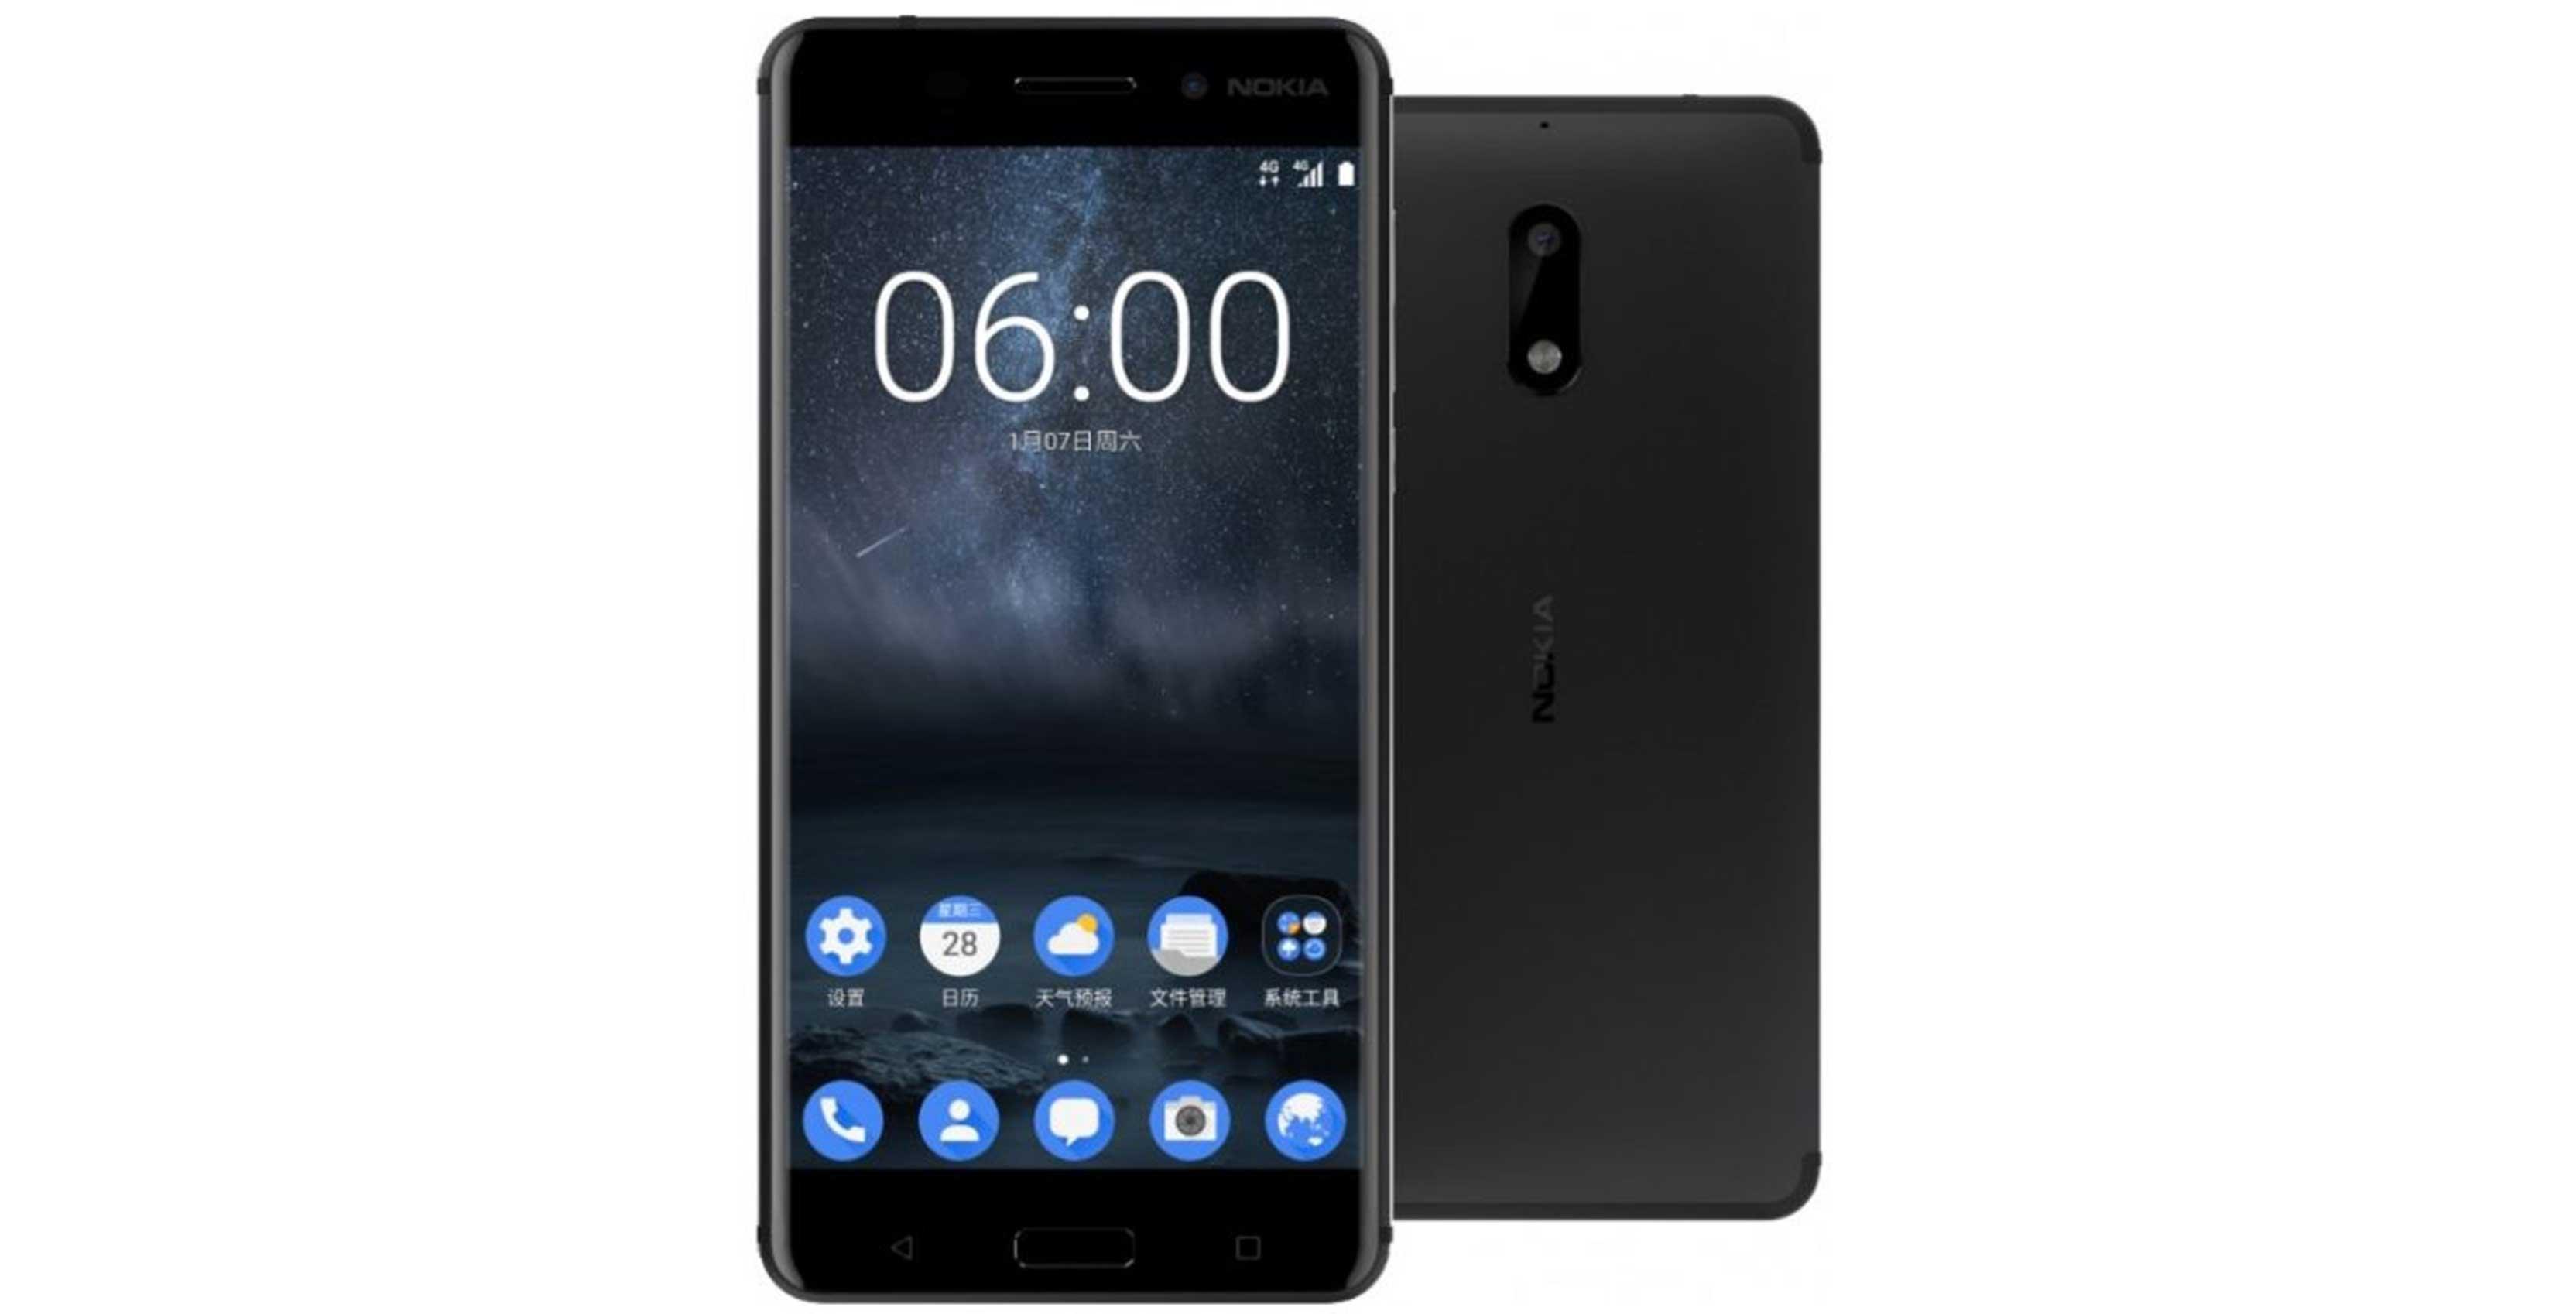 Render of Nokia 6 smartphone